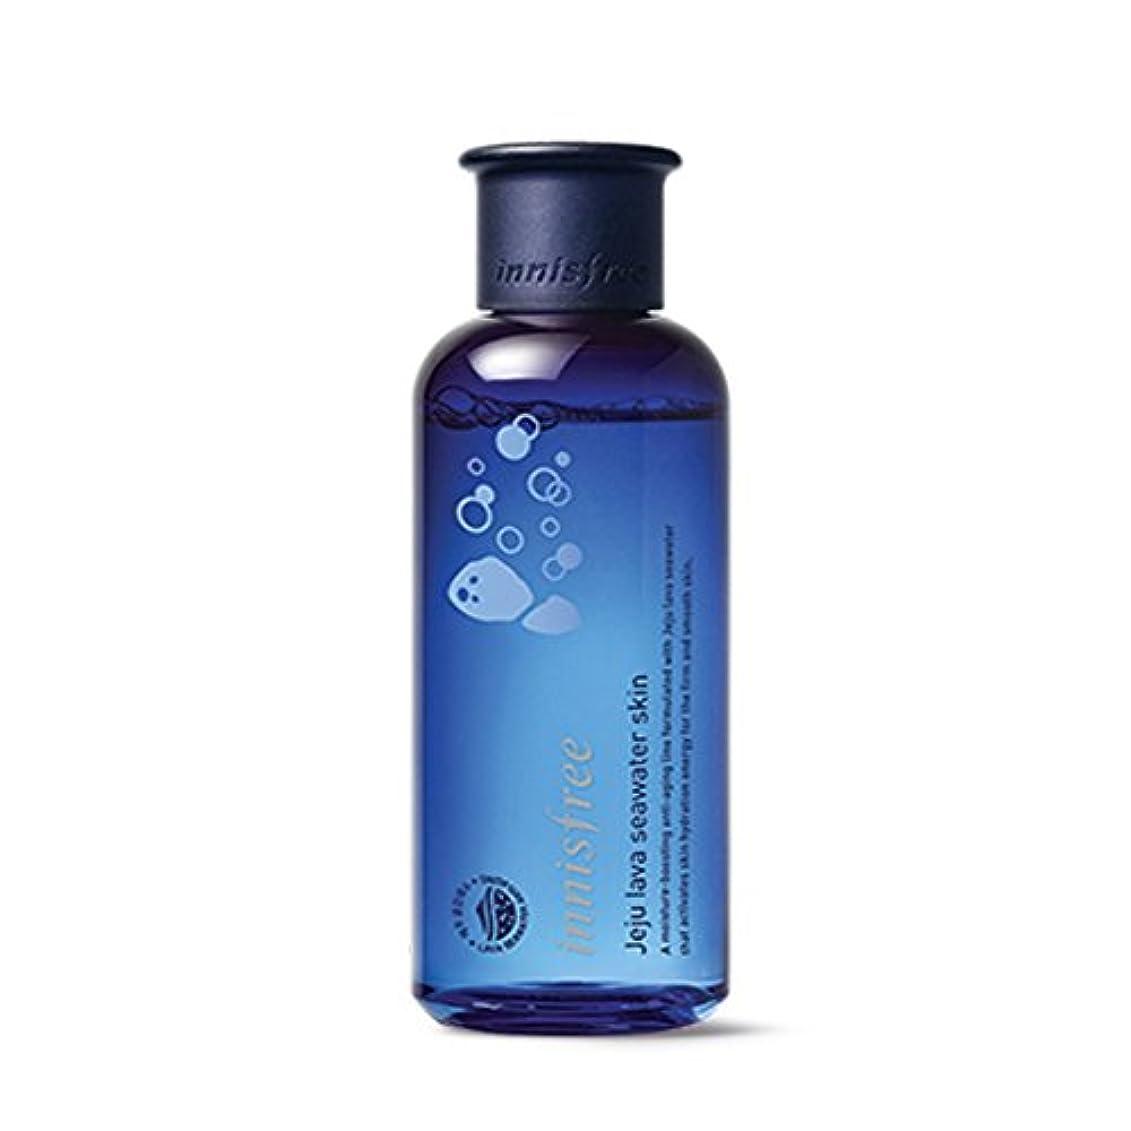 衝突縫うユニークなイニスフリージェジュラブシーウォータースキン(トナー)200ml Innisfree Jeju Lava Seawater Skin(Toner) 200ml [外直送品][並行輸入品]